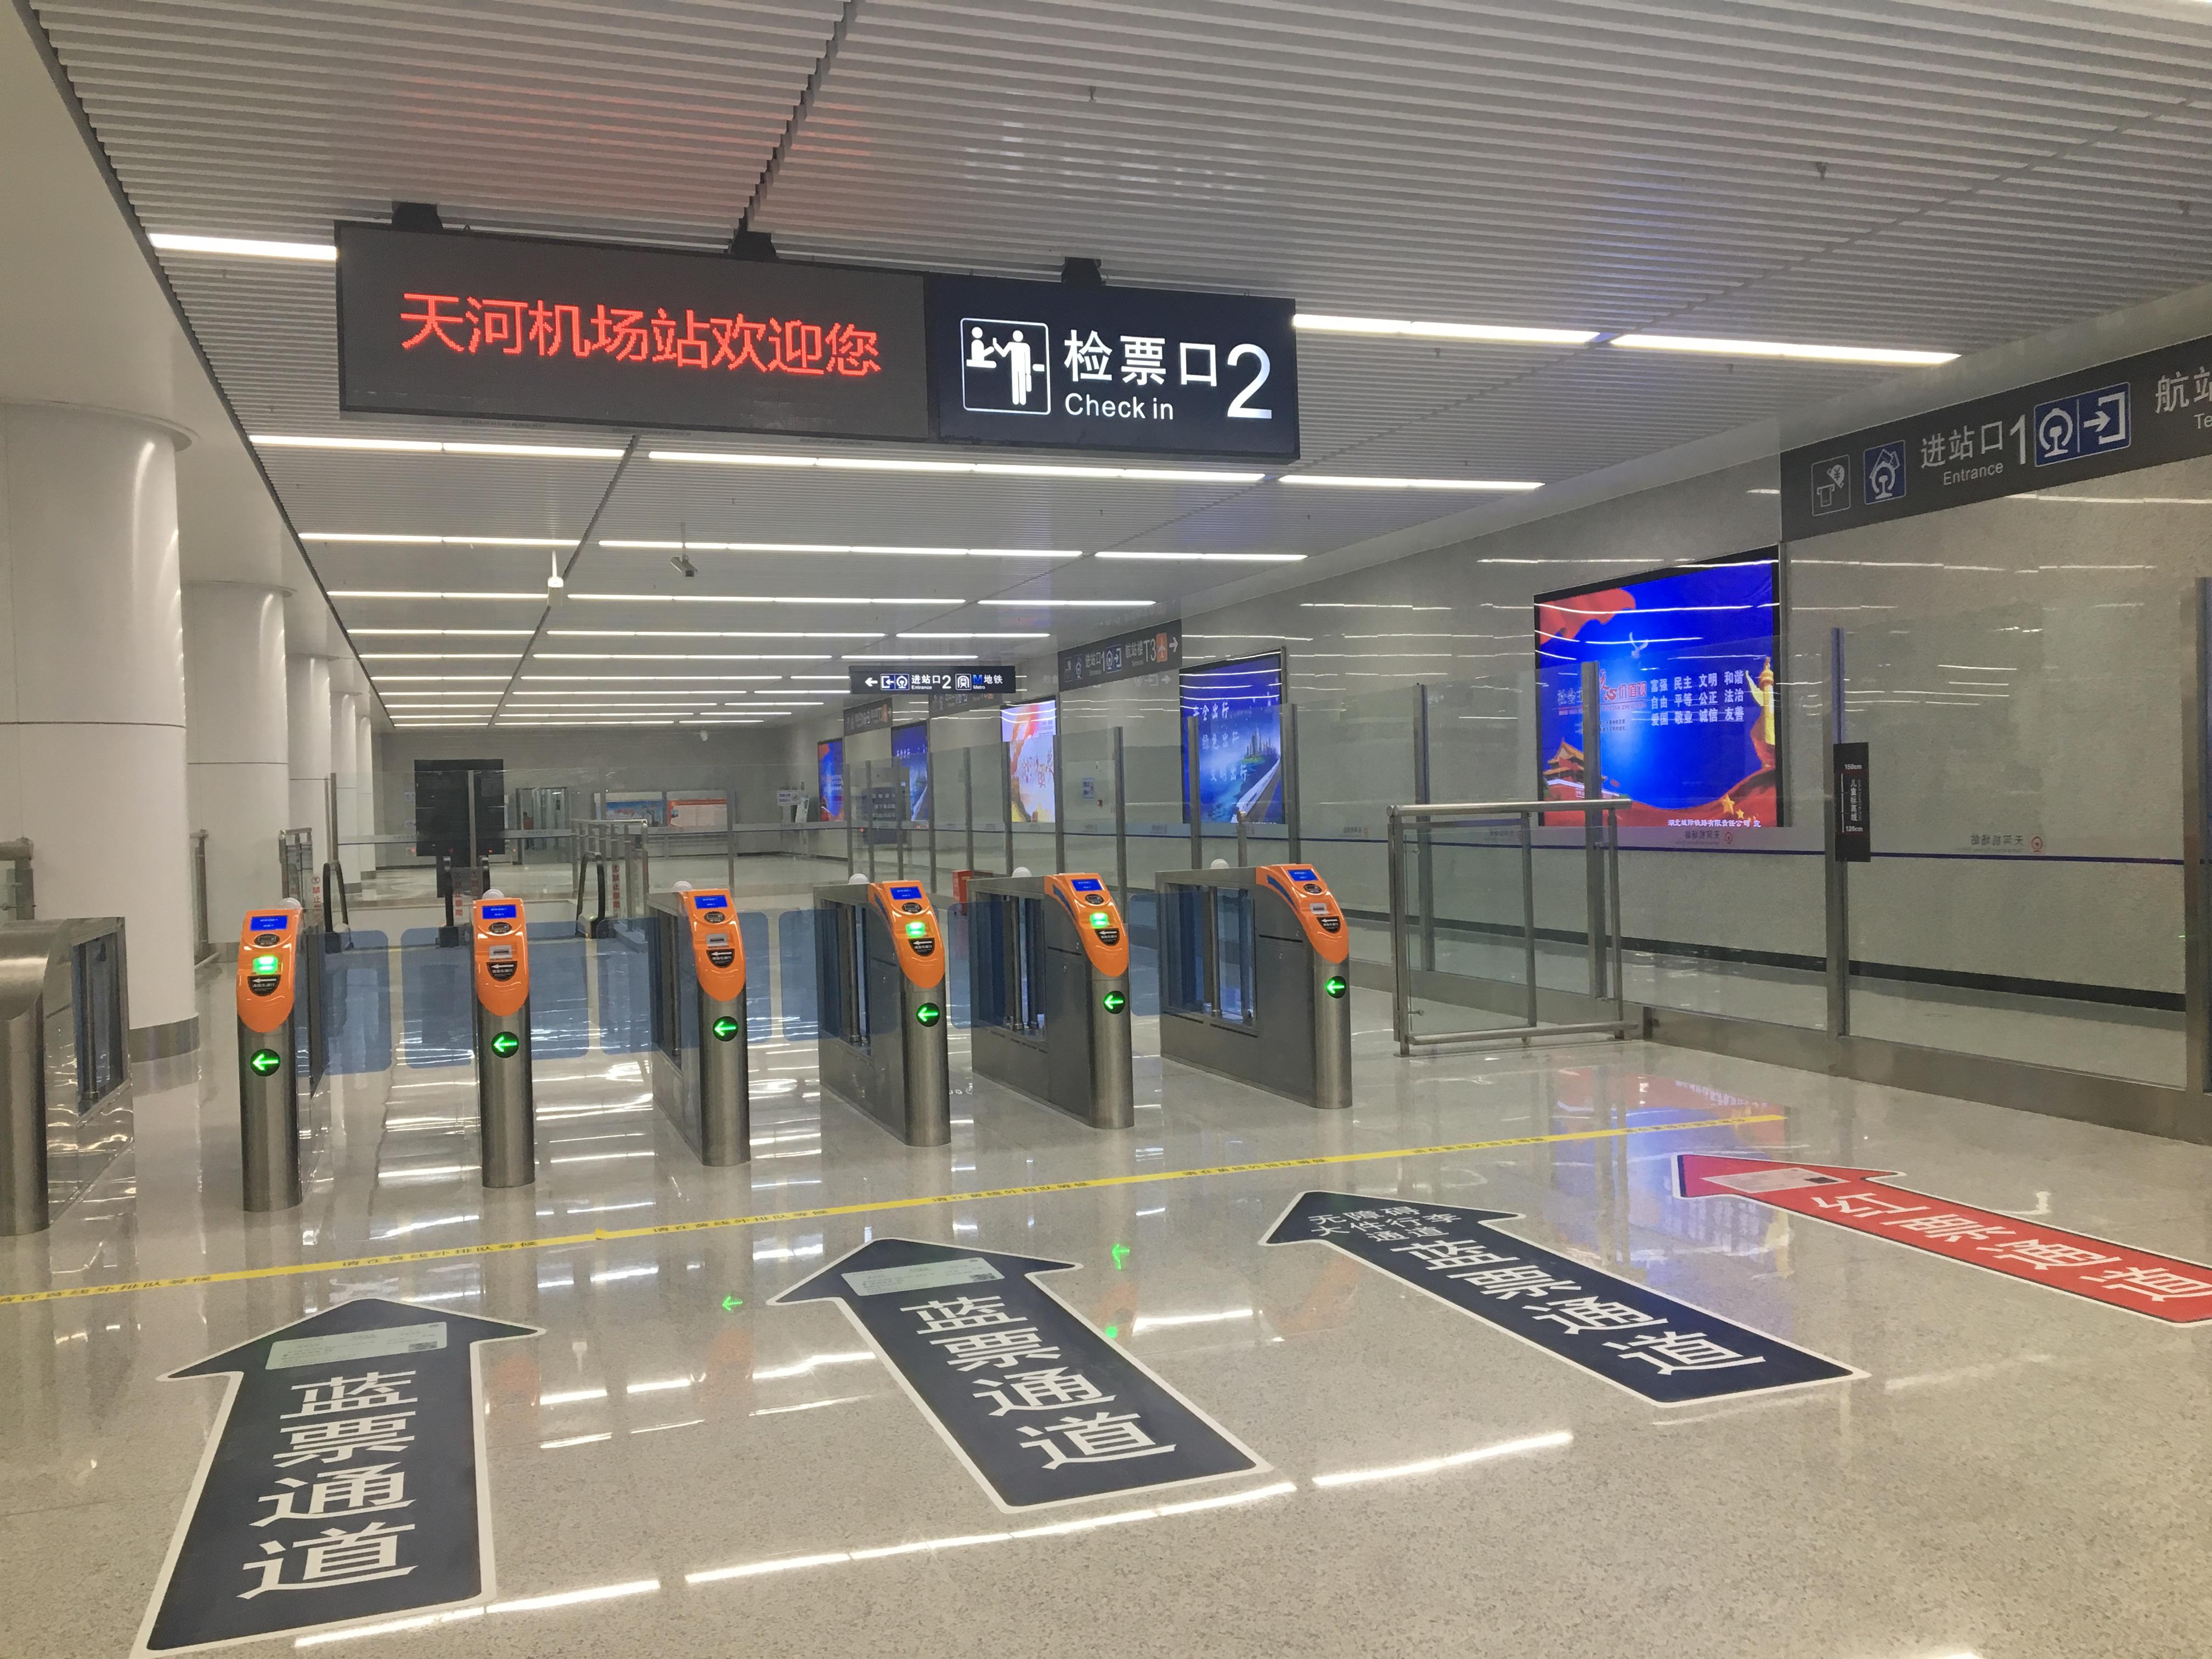 届时市民可在地铁站值机,到机场直接安检,快速前往指定登机口乘飞机.